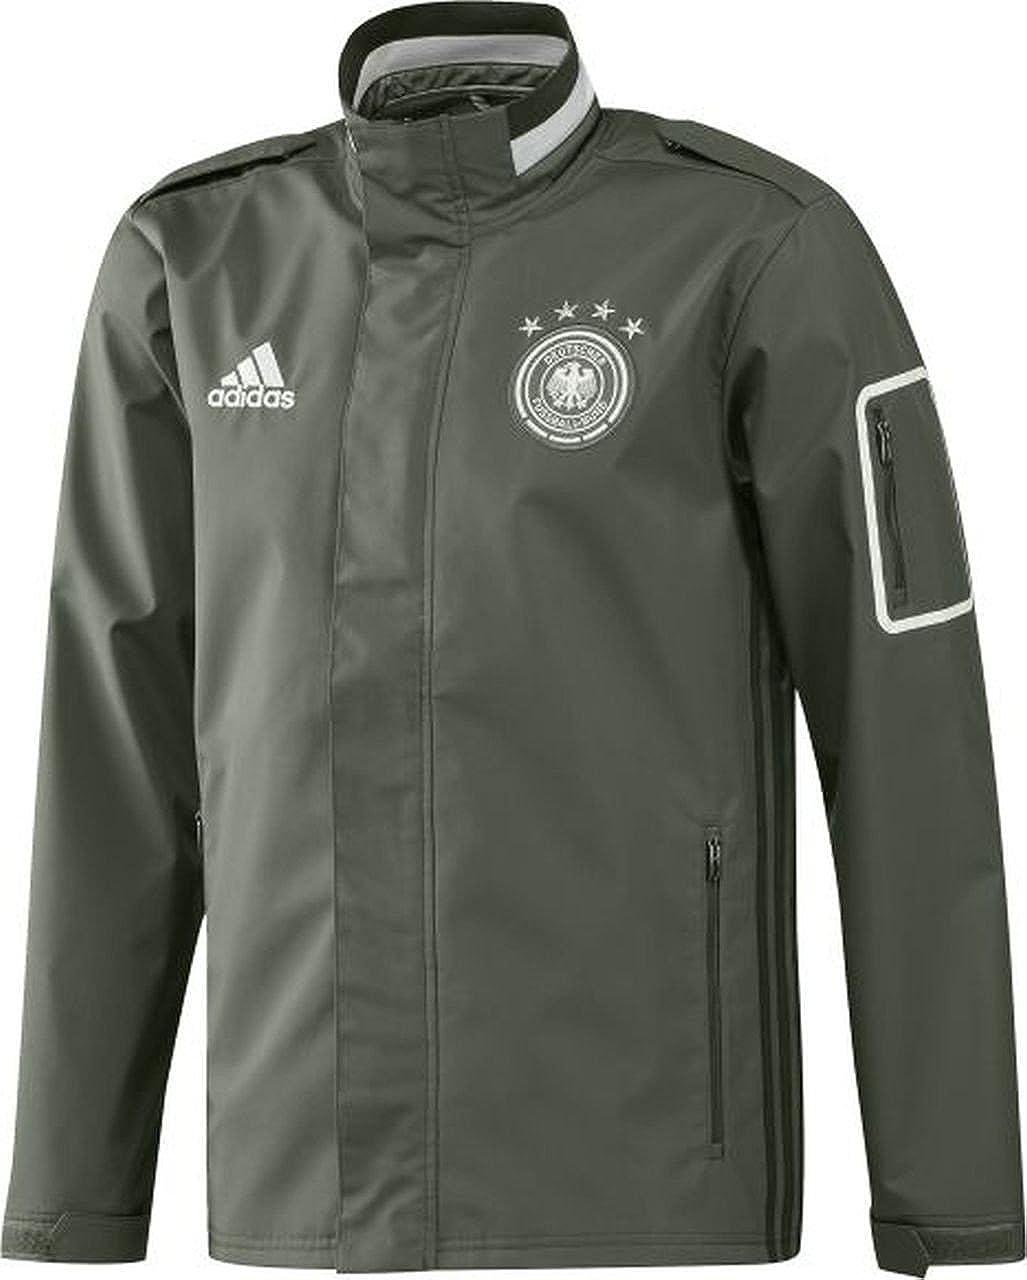 adidas Herren DFB Travel Die funktionelle Reisejacke der deutschen Nationalmannschaft.